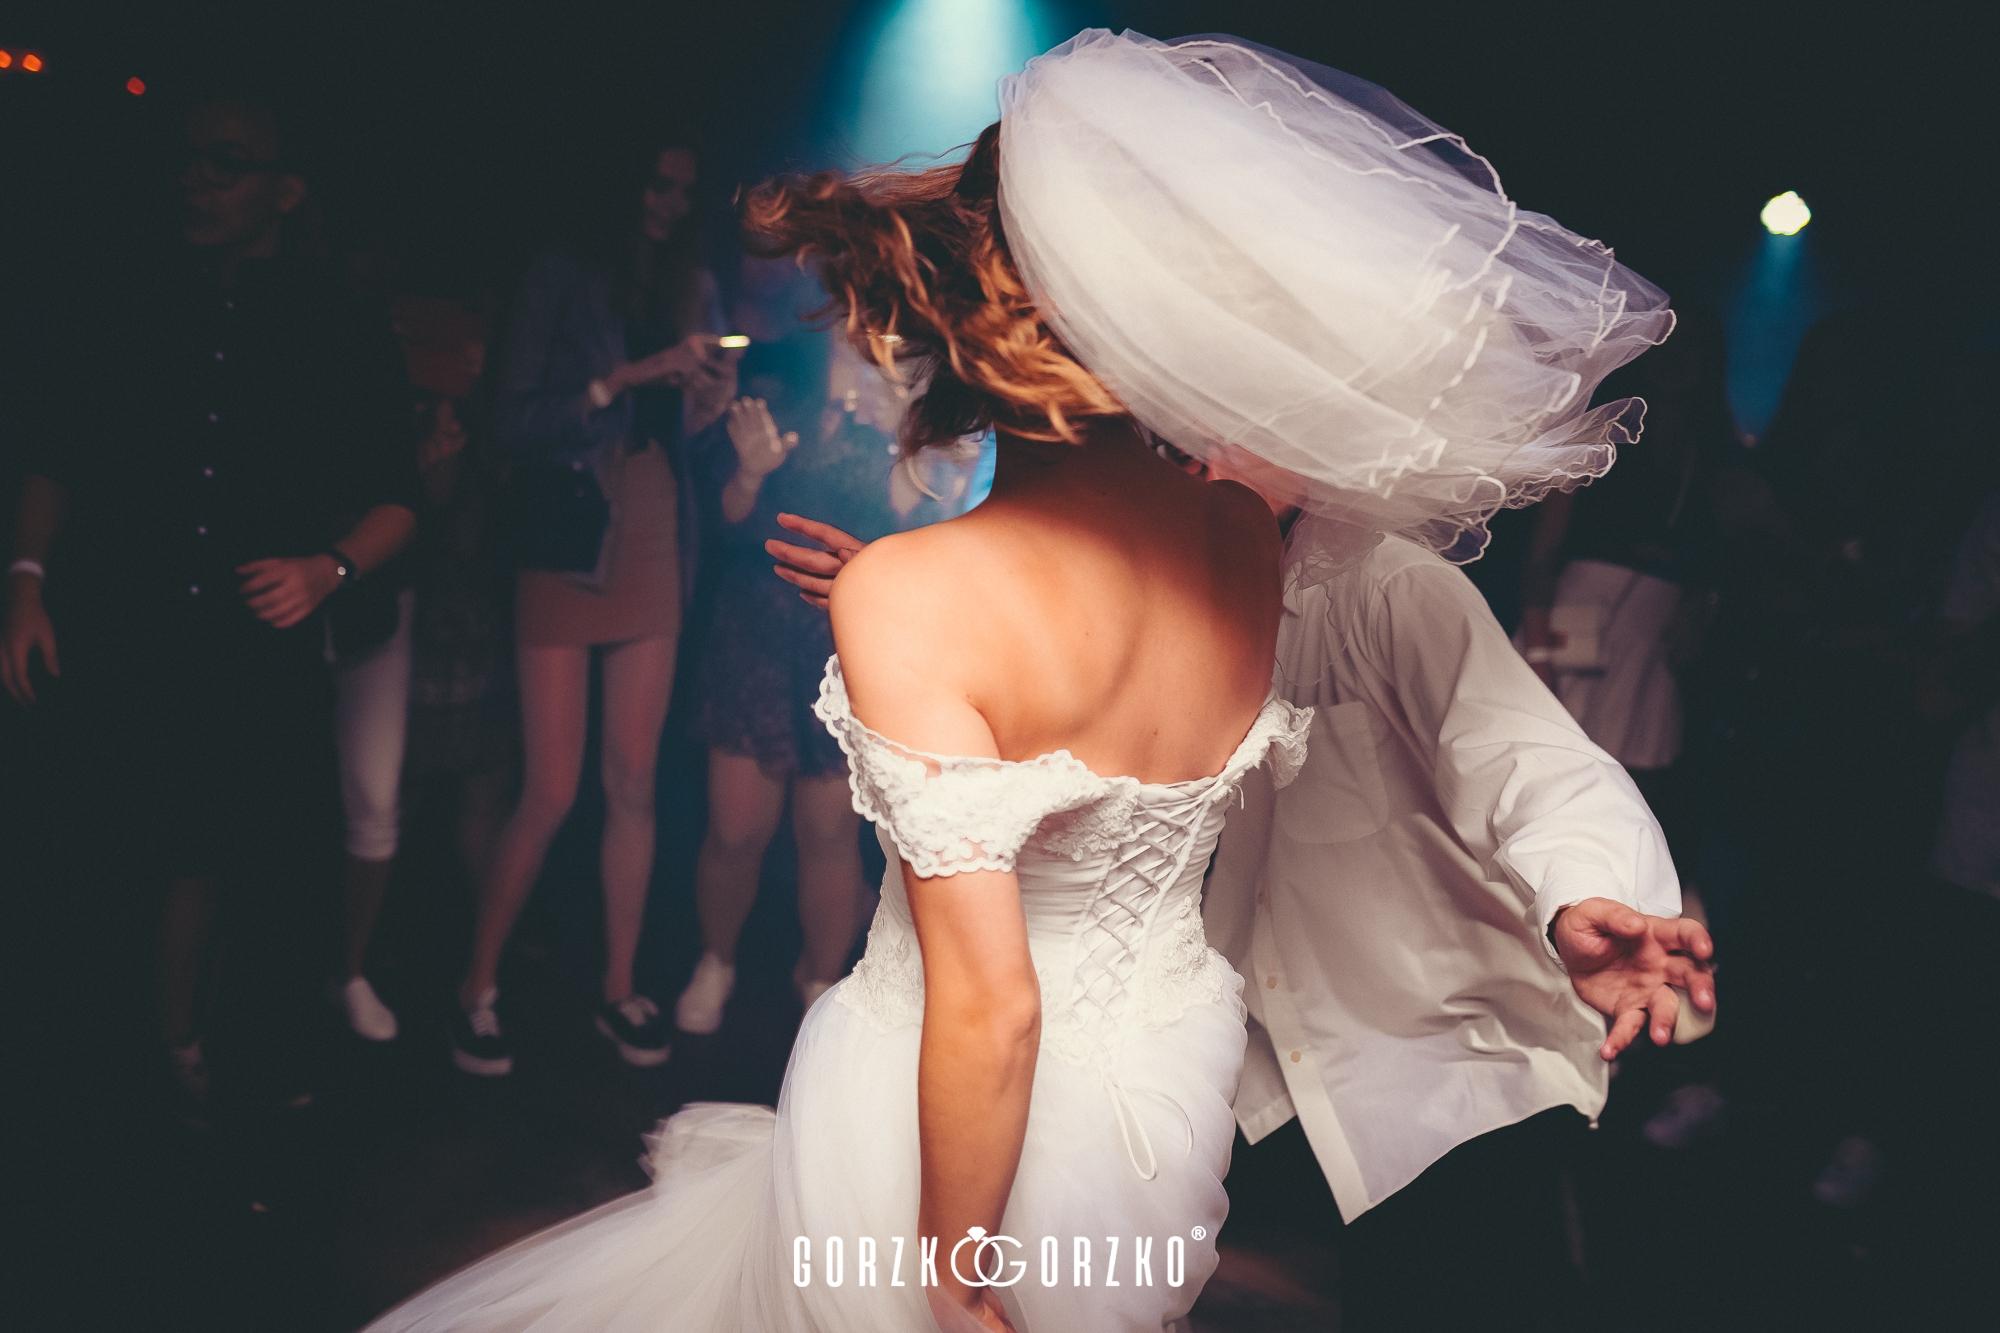 Łodzianie uwielbiają weselny klimat! Sukces otwarcia klubu Gorzko Gorzko [zdjęcia] - Zdjęcie główne